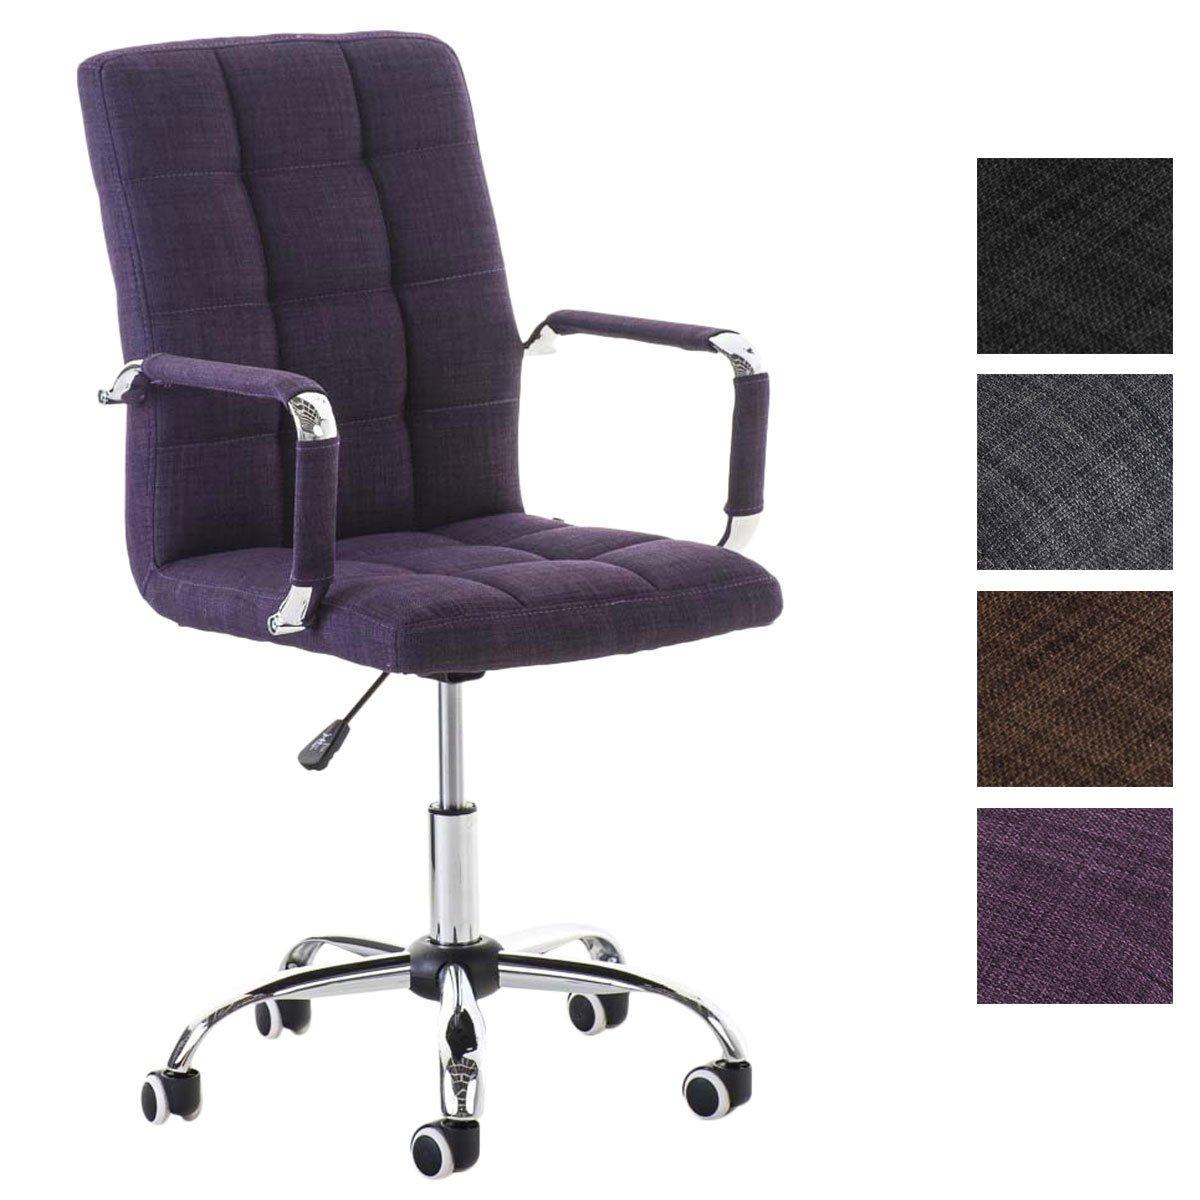 CLP Bürostuhl Deli V2 mit Hochwertiger Polsterung und Stoffbezug I Schreibtischstuhl mit Metalldrehkreuz I Höhenverstellbarer Chefsessel mit Laufrollen Lila